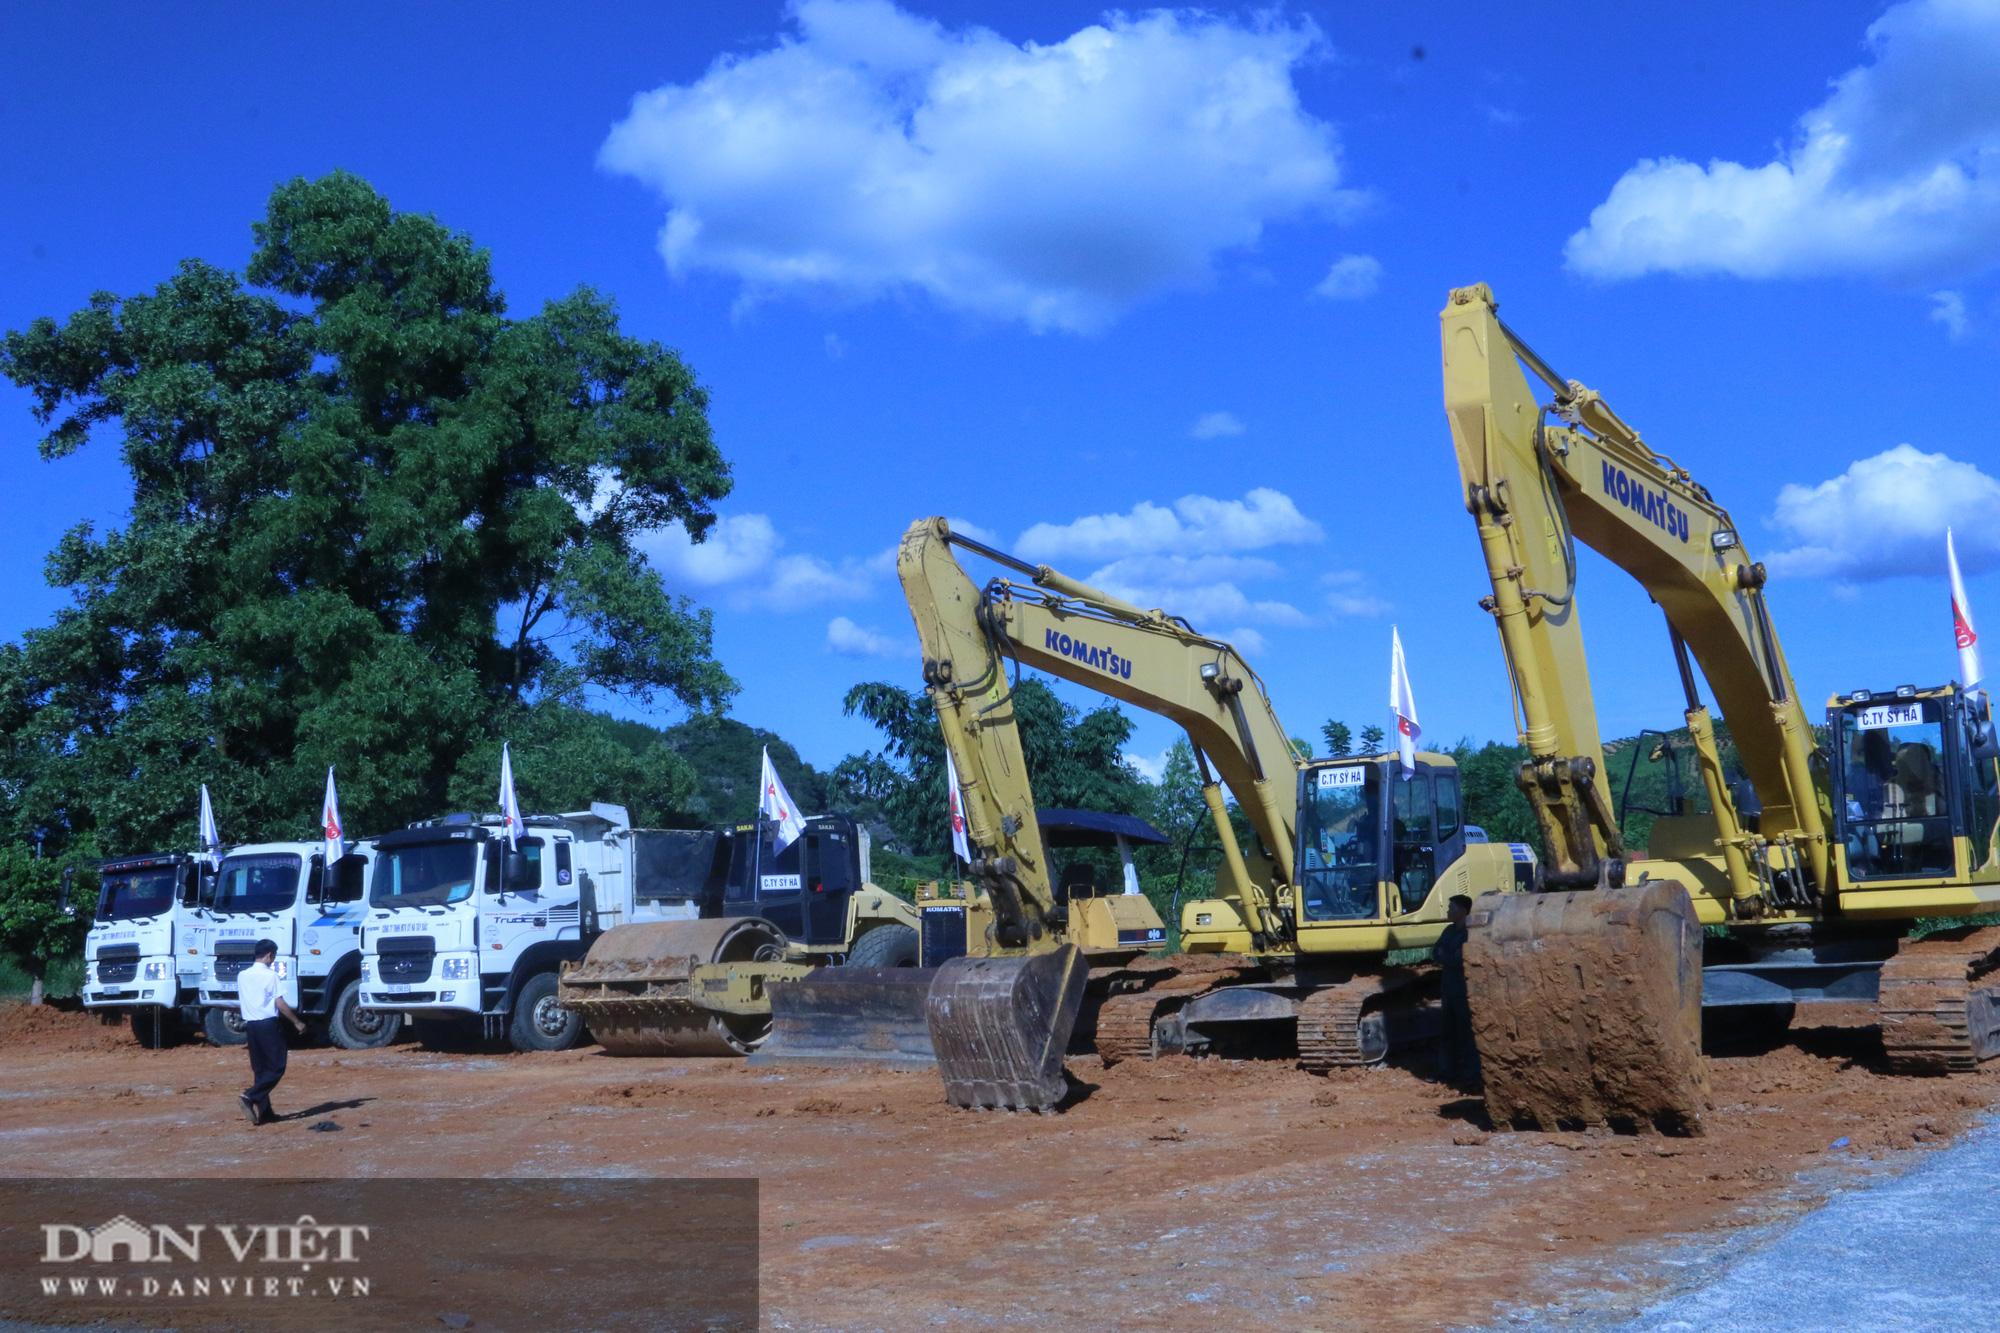 Sơn La: Khởi công xây dựng trung tâm chế biến rau, quả - Ảnh 8.